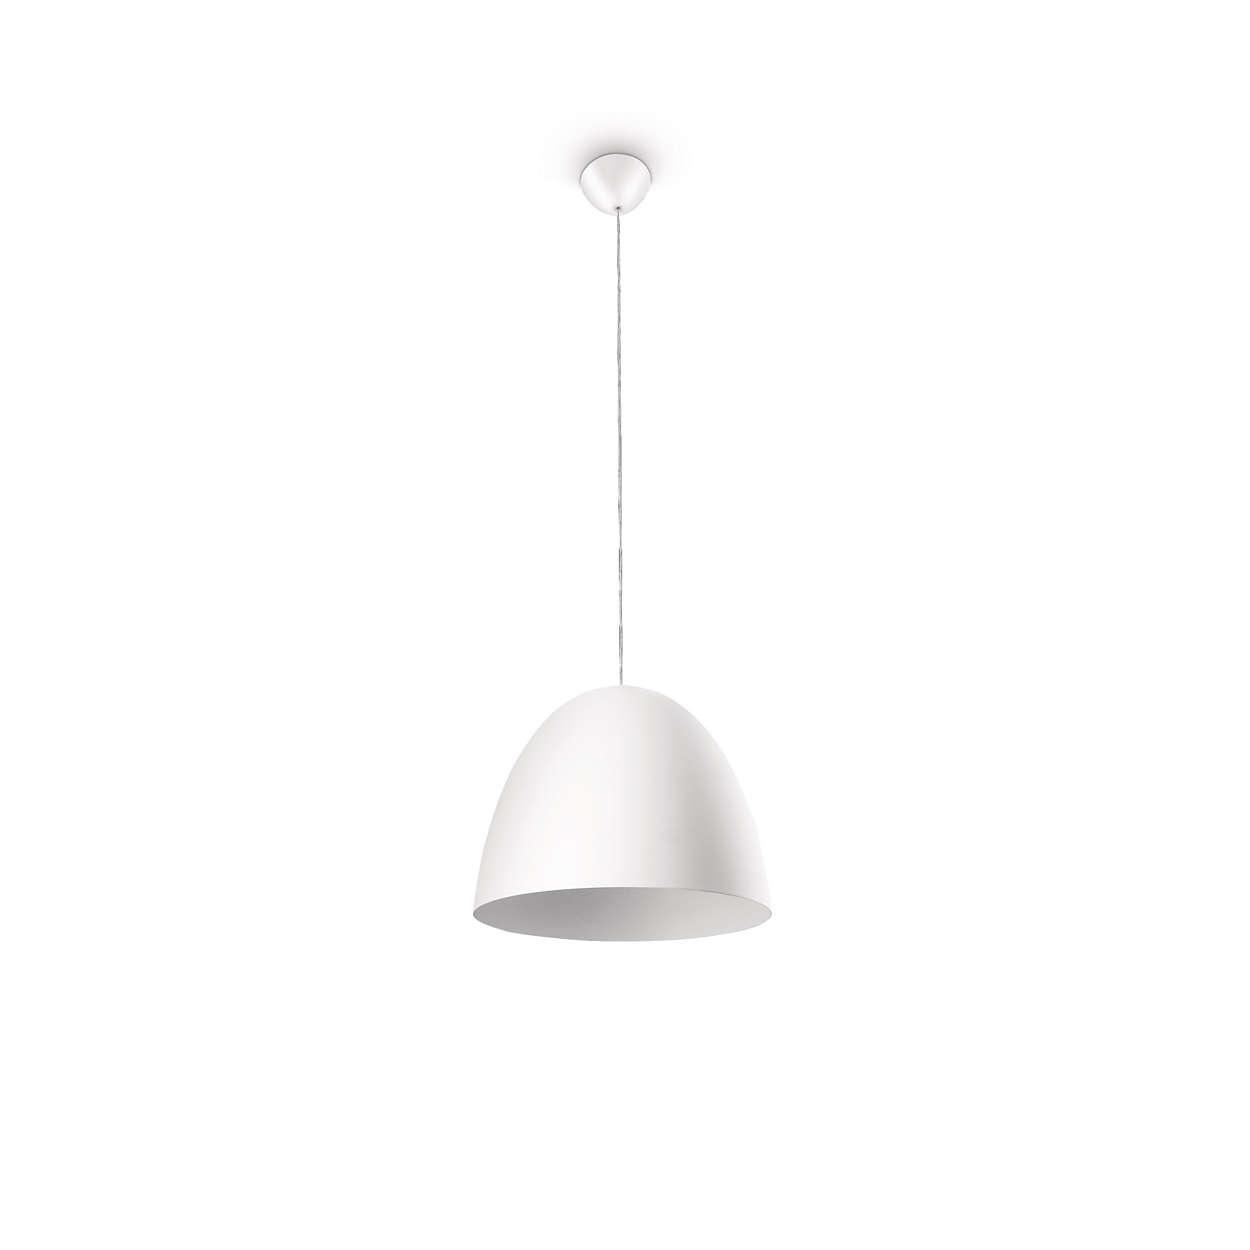 Подвесной светильник Philips 40617/31/16, E27, 42 Вт цена